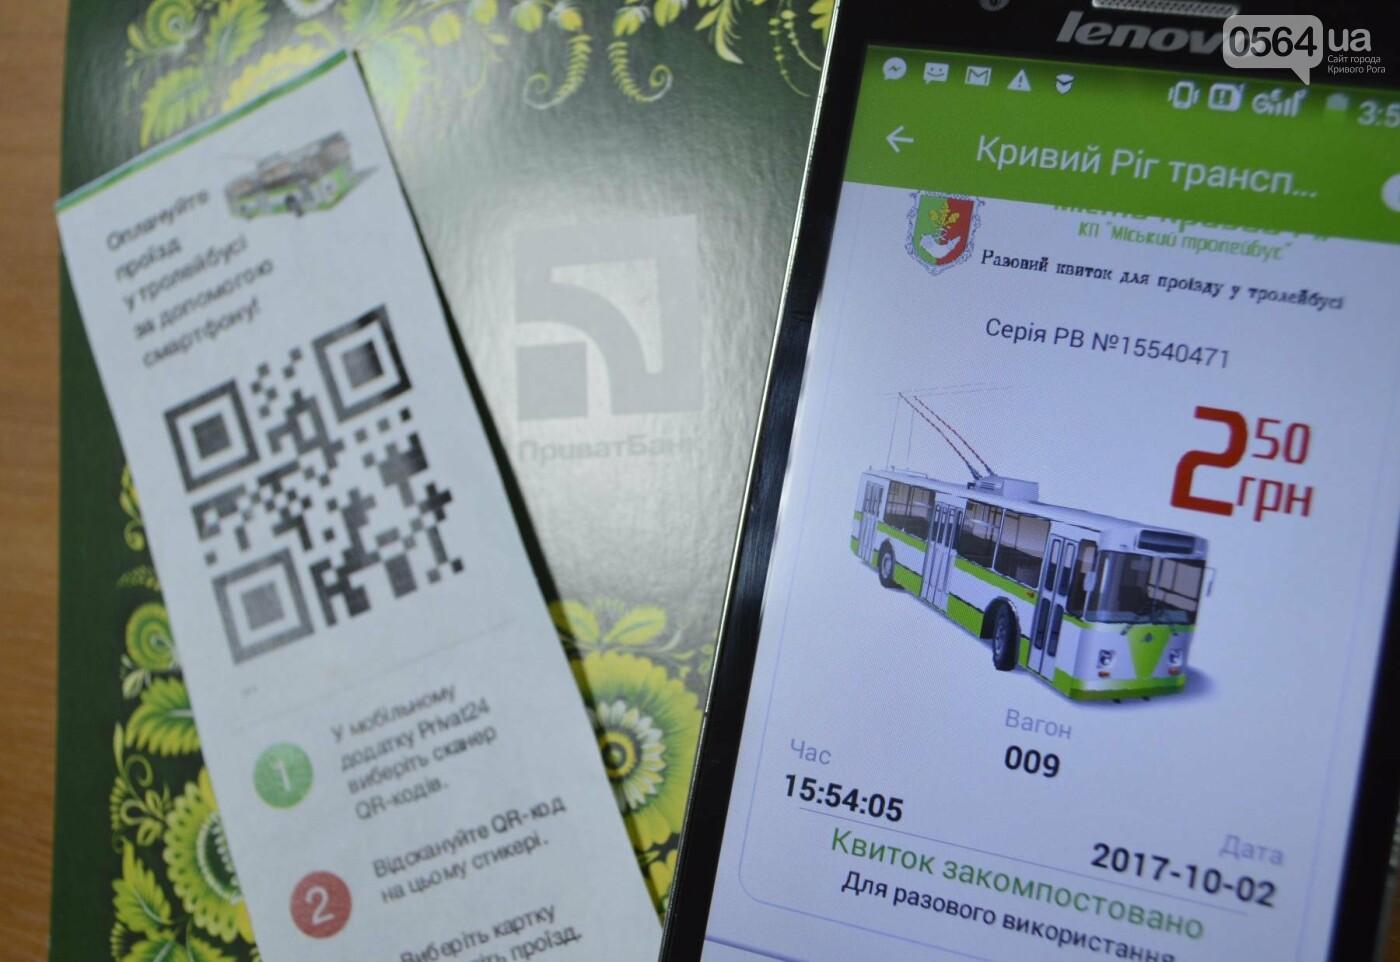 Без бумажных билетов и наличных: криворожане могут оплачивать проезд по QR-коду, фото-4